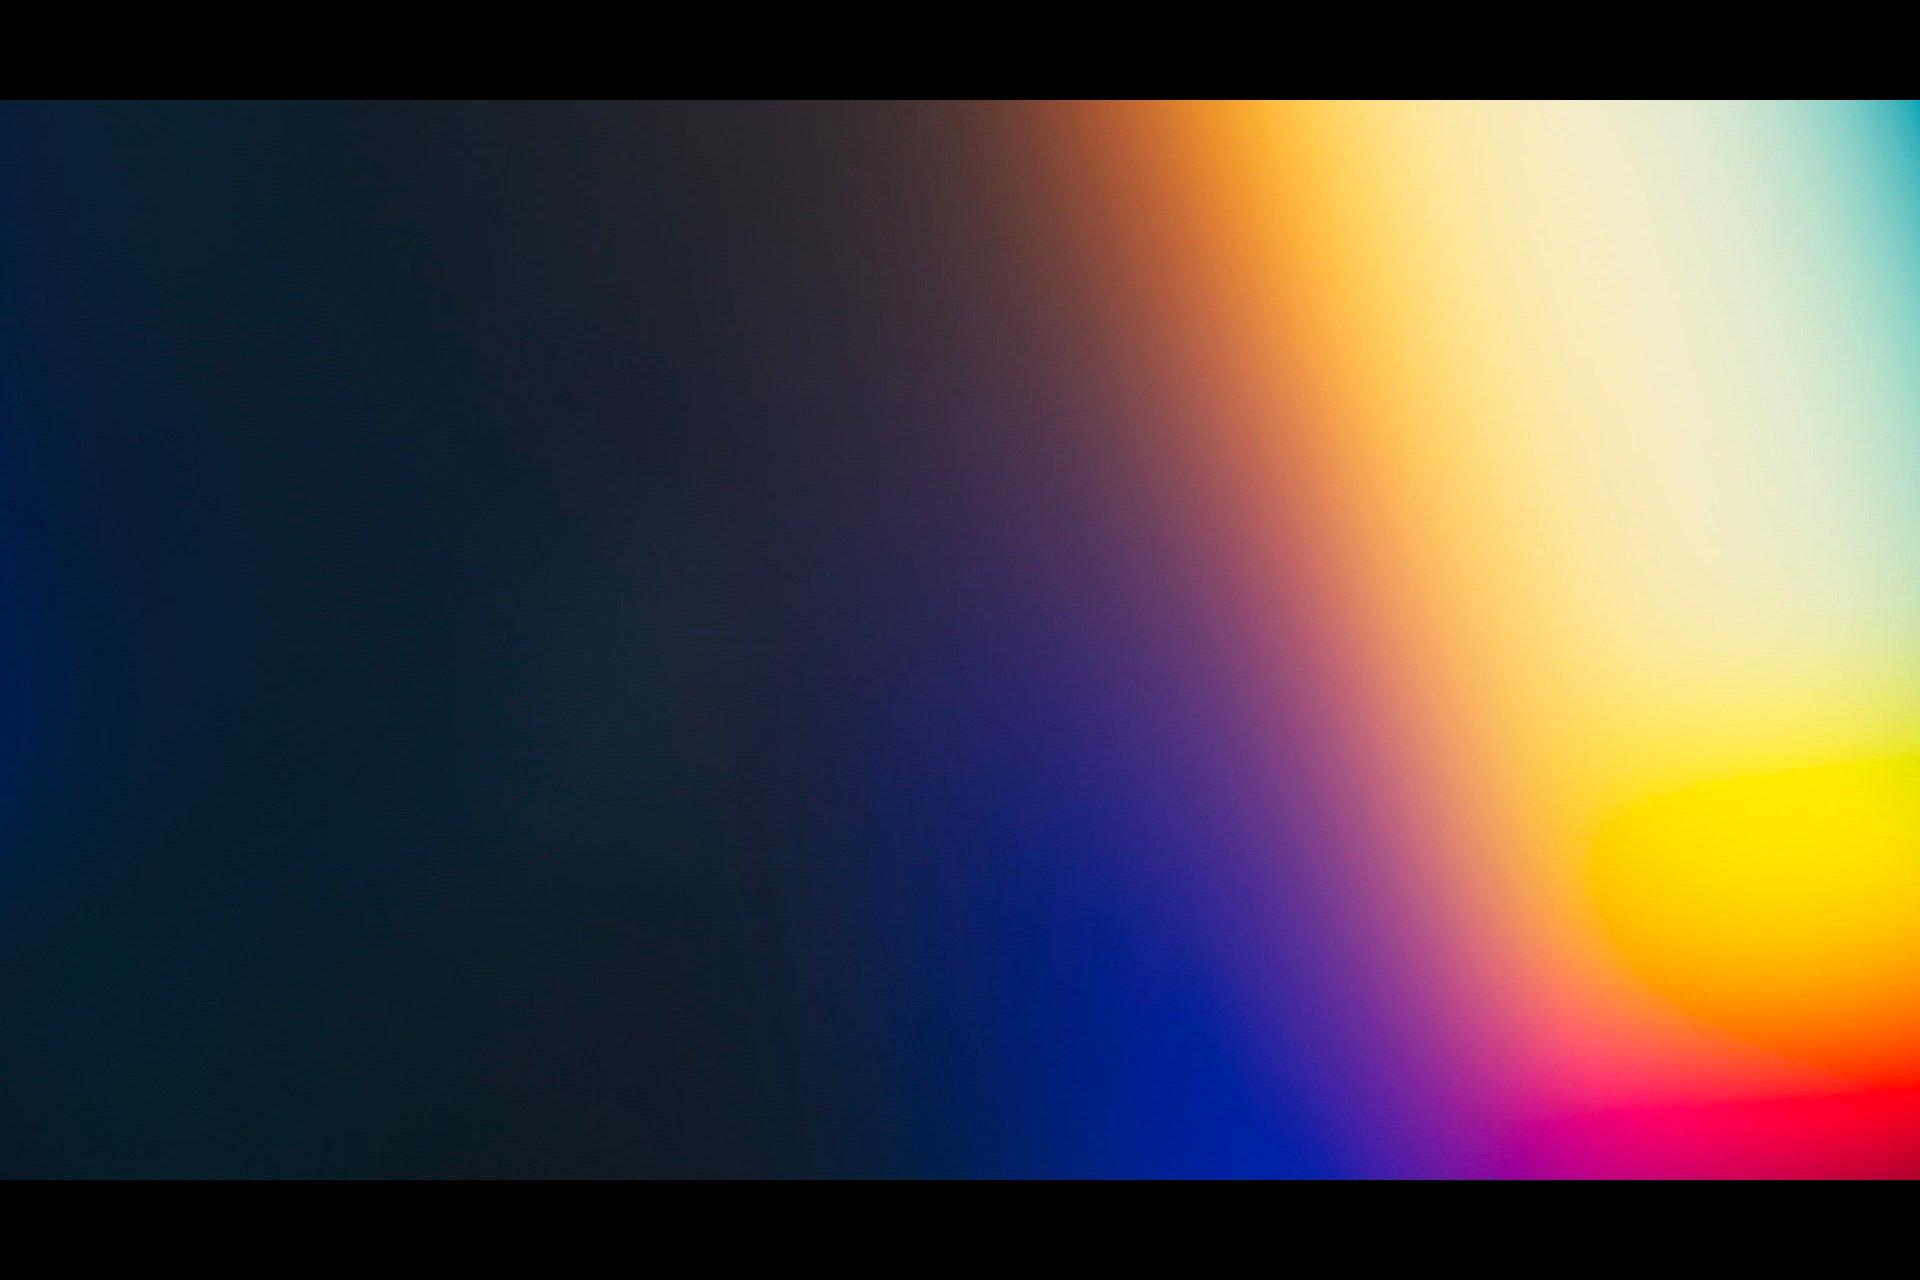 104款高清潮流全息渐变虹彩背景图片设计素材 104 4K Prism Textures插图(1)